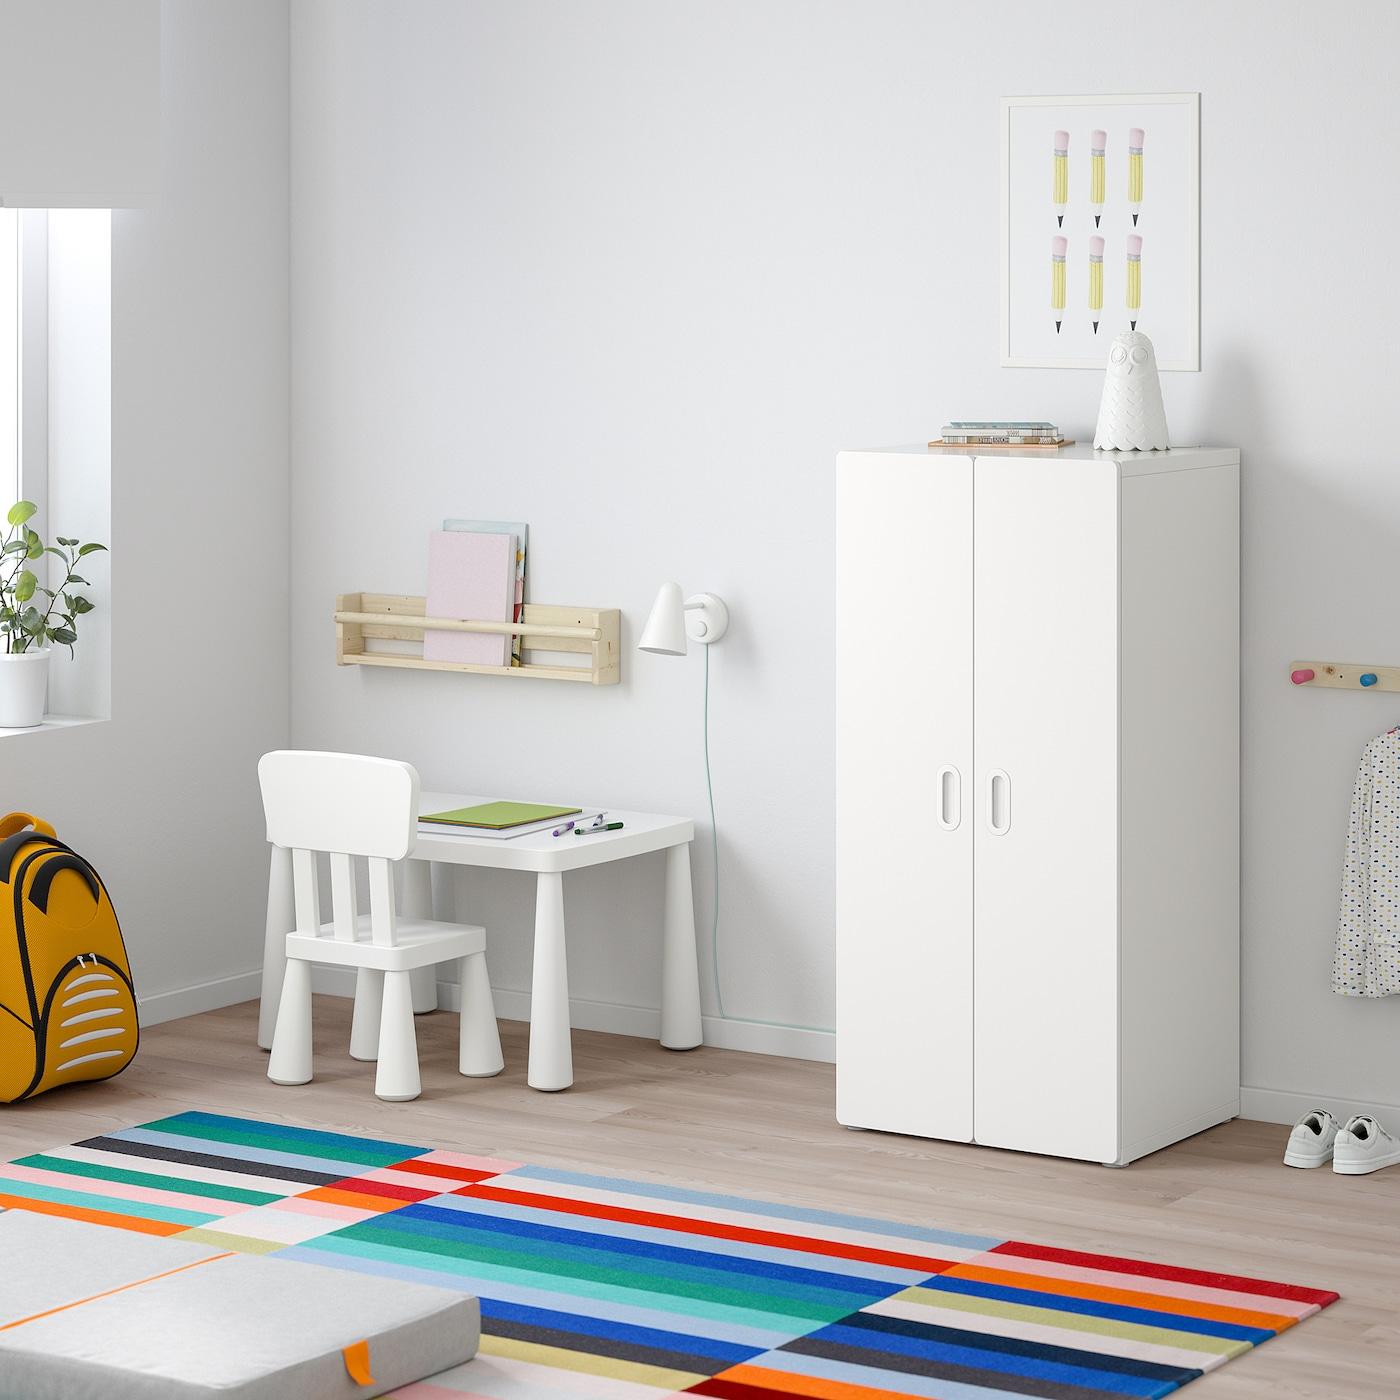 СТУВА / ФРІТІДС гардероб білий/білий 60 см 50 см 128 см